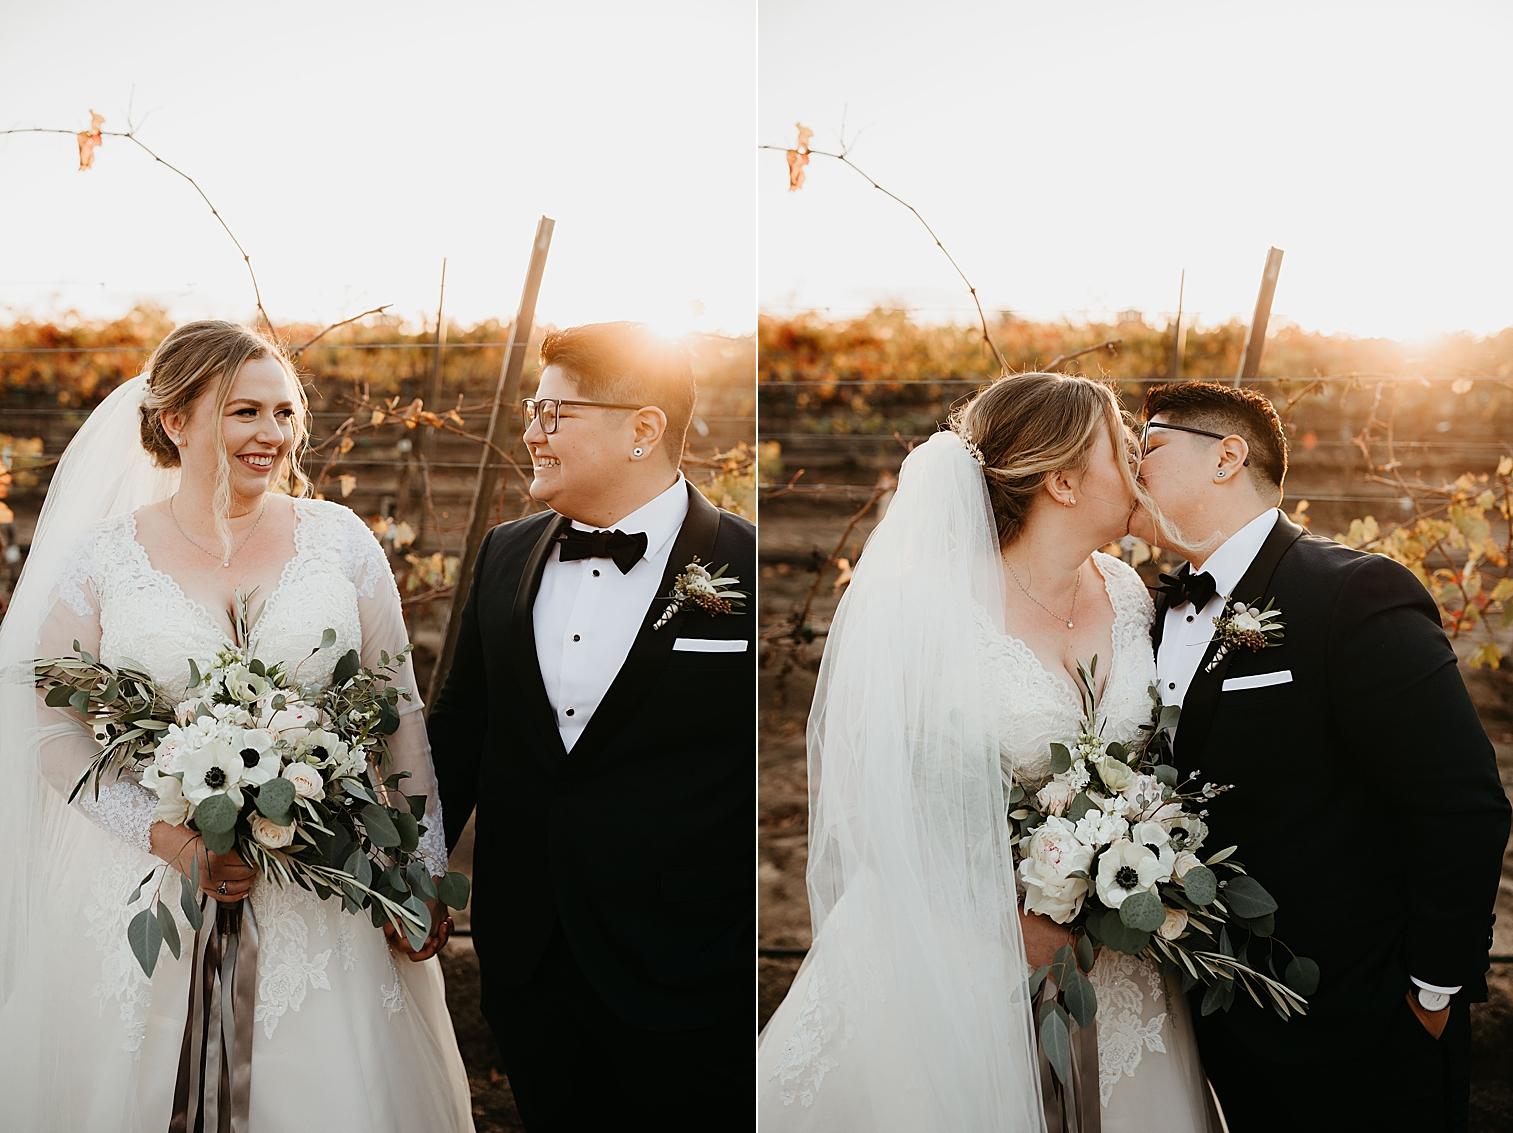 Lorimar-Winery-Wedding-90.jpg